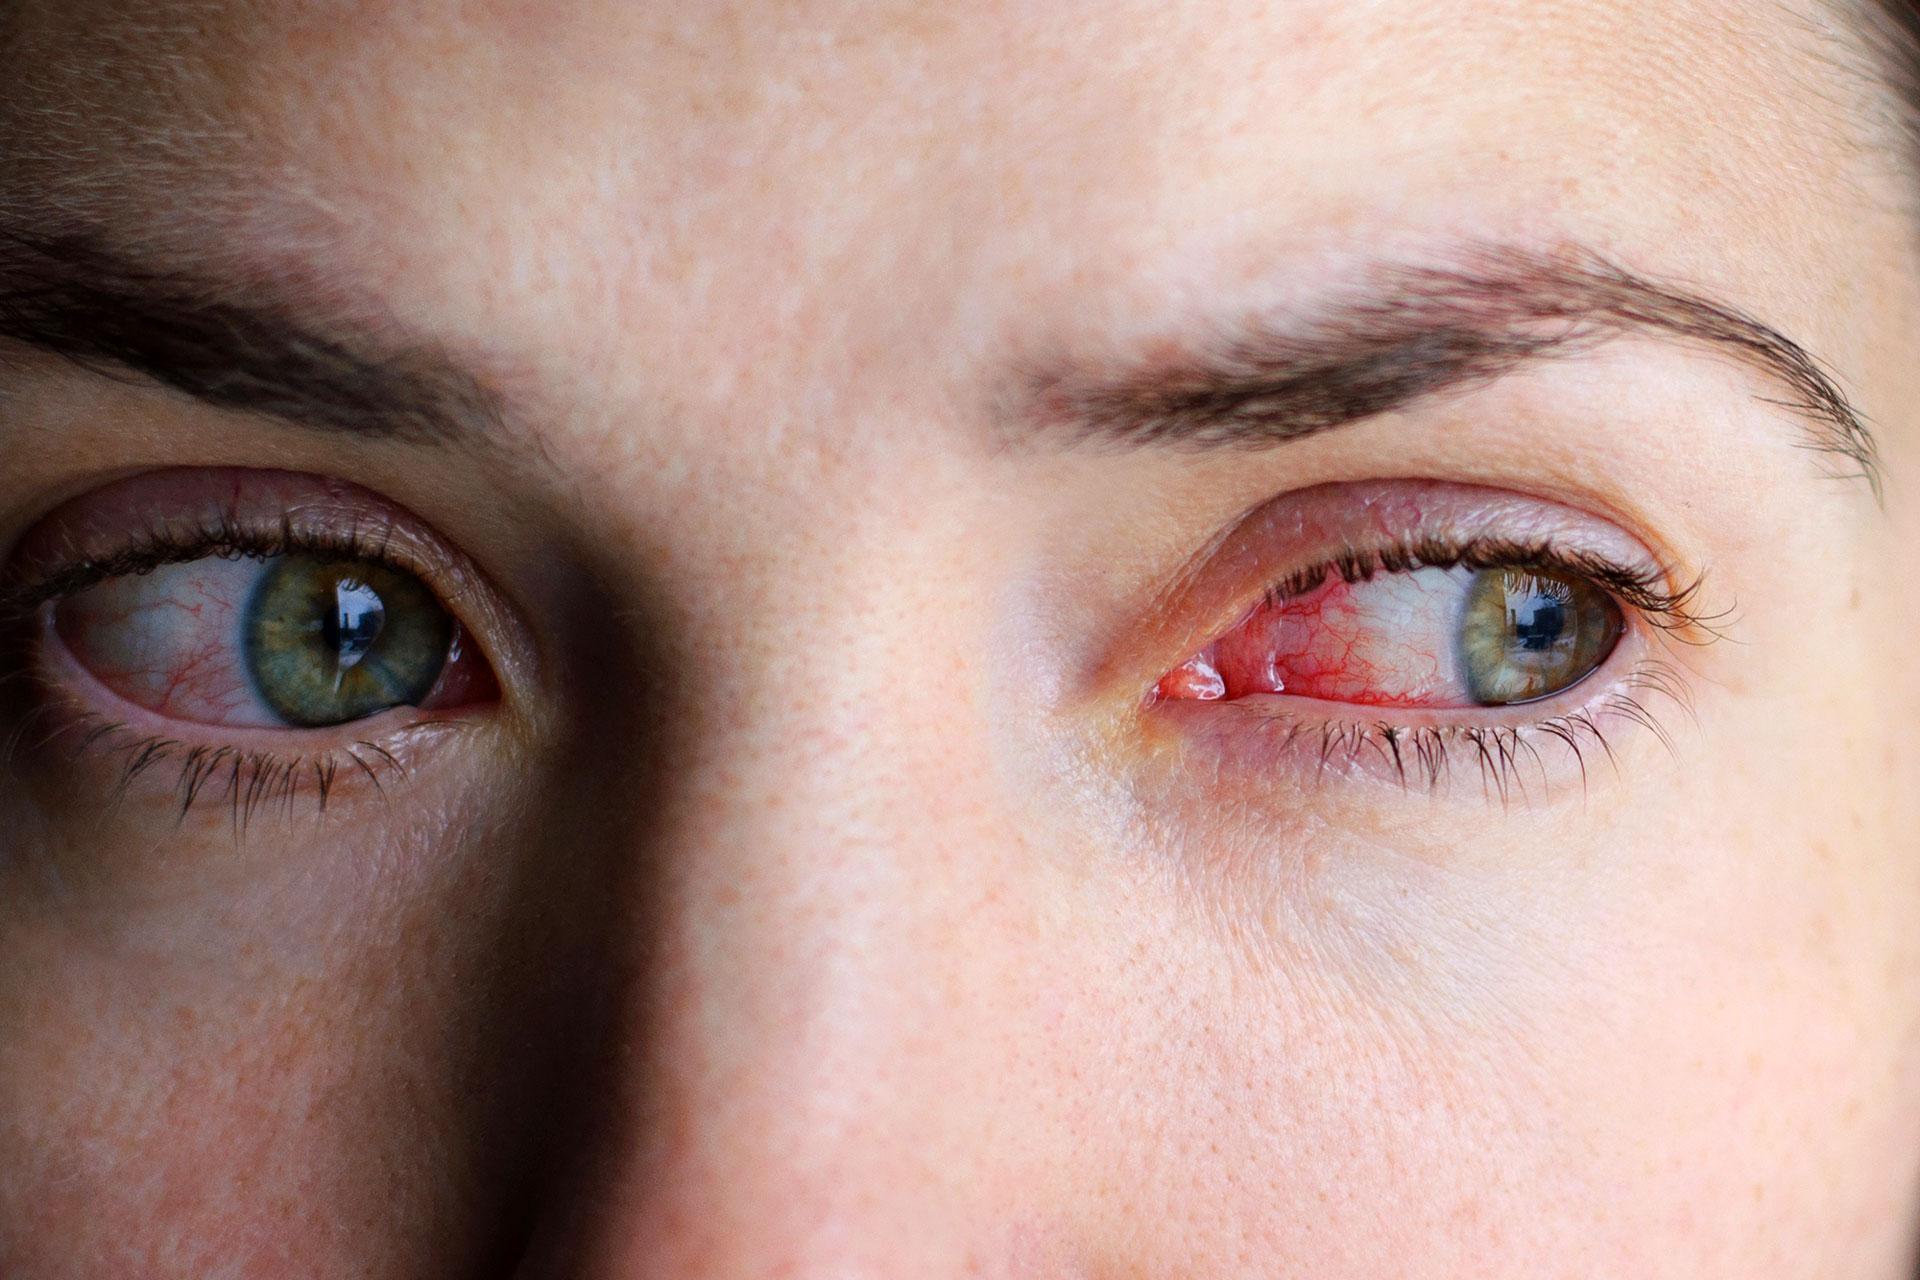 távolítsa el az arc vörösségét magas vérnyomás esetén magas vérnyomás fejfájás mit kell tenni